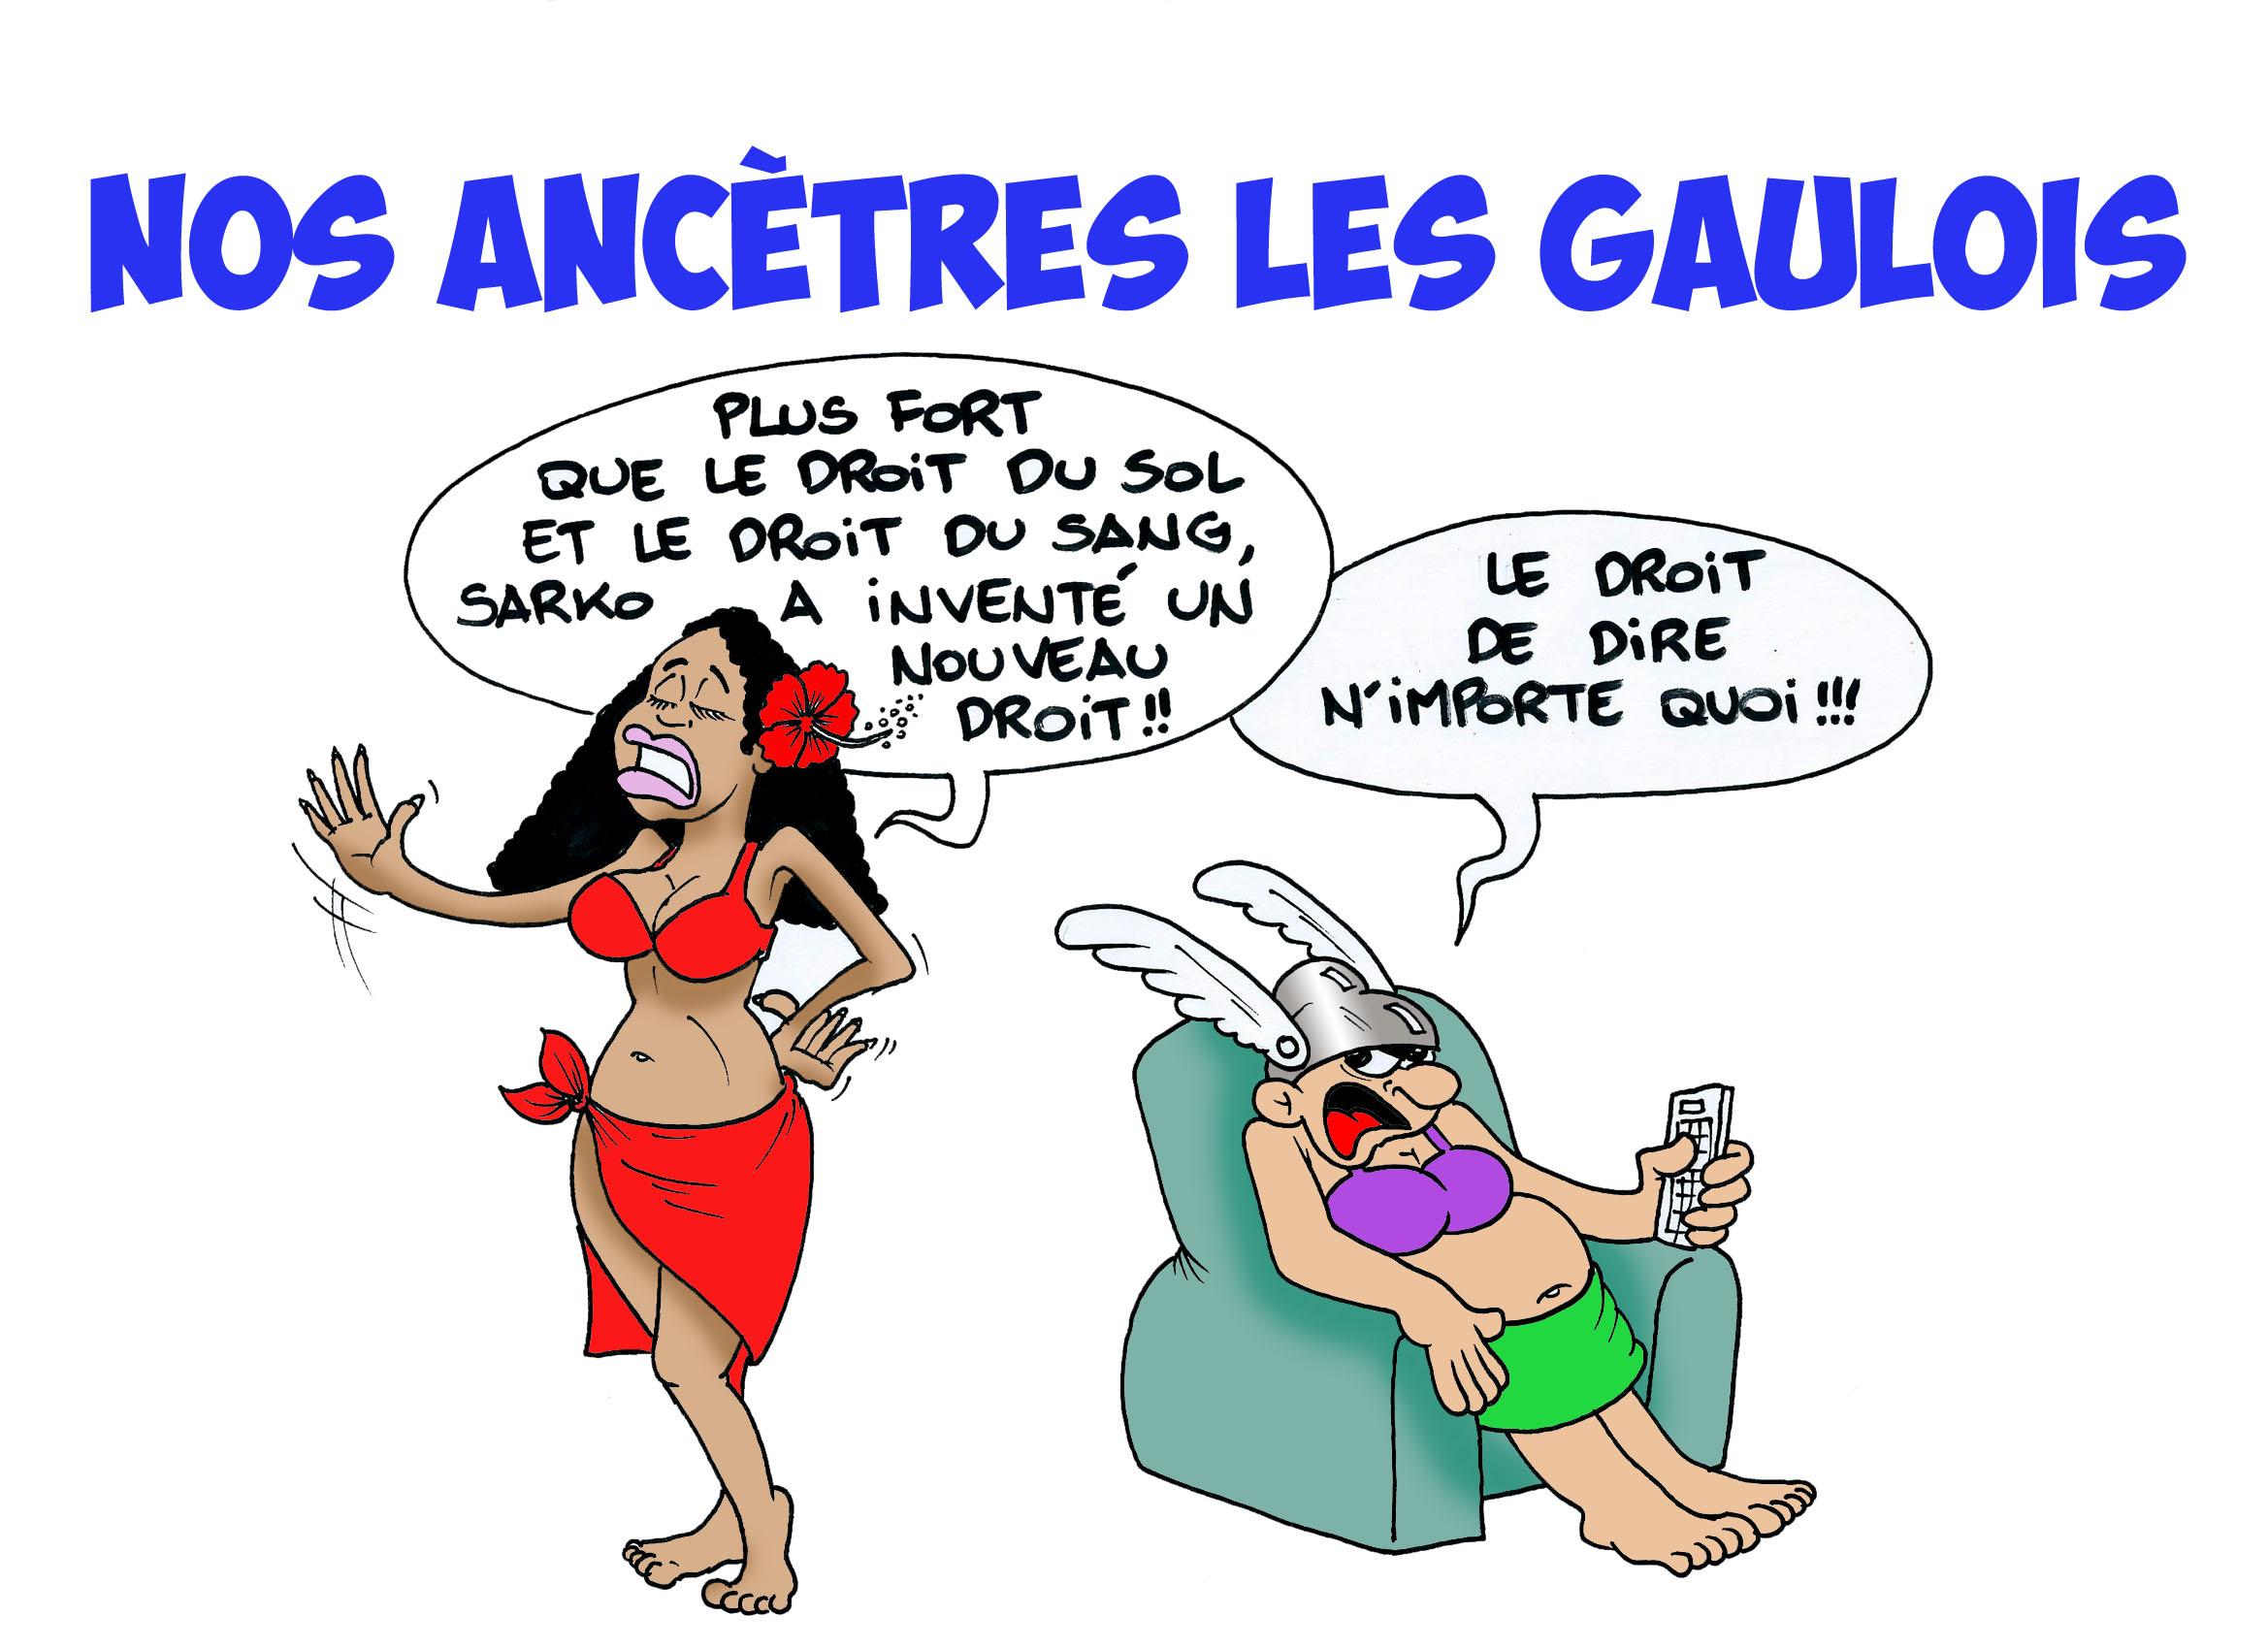 """"""" Nos ancêtres les Gaulois """" vu par Munoz"""